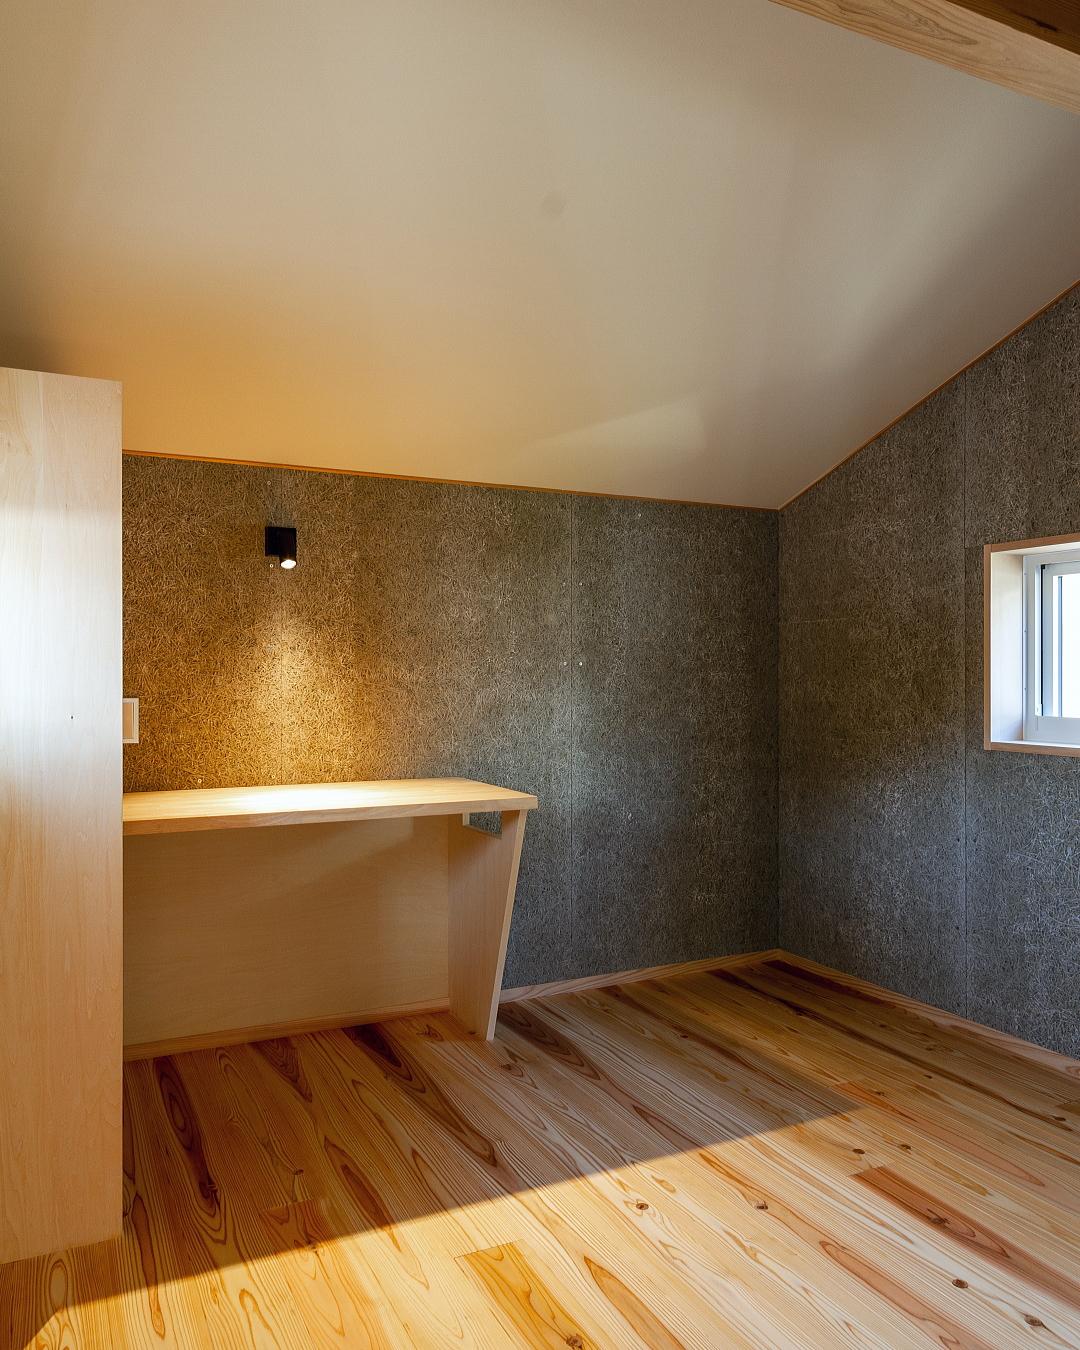 木毛セメント板張りでカッコイイインテリアの趣味室 インダストリアルデザイン 尾道 美ノ郷のいえ